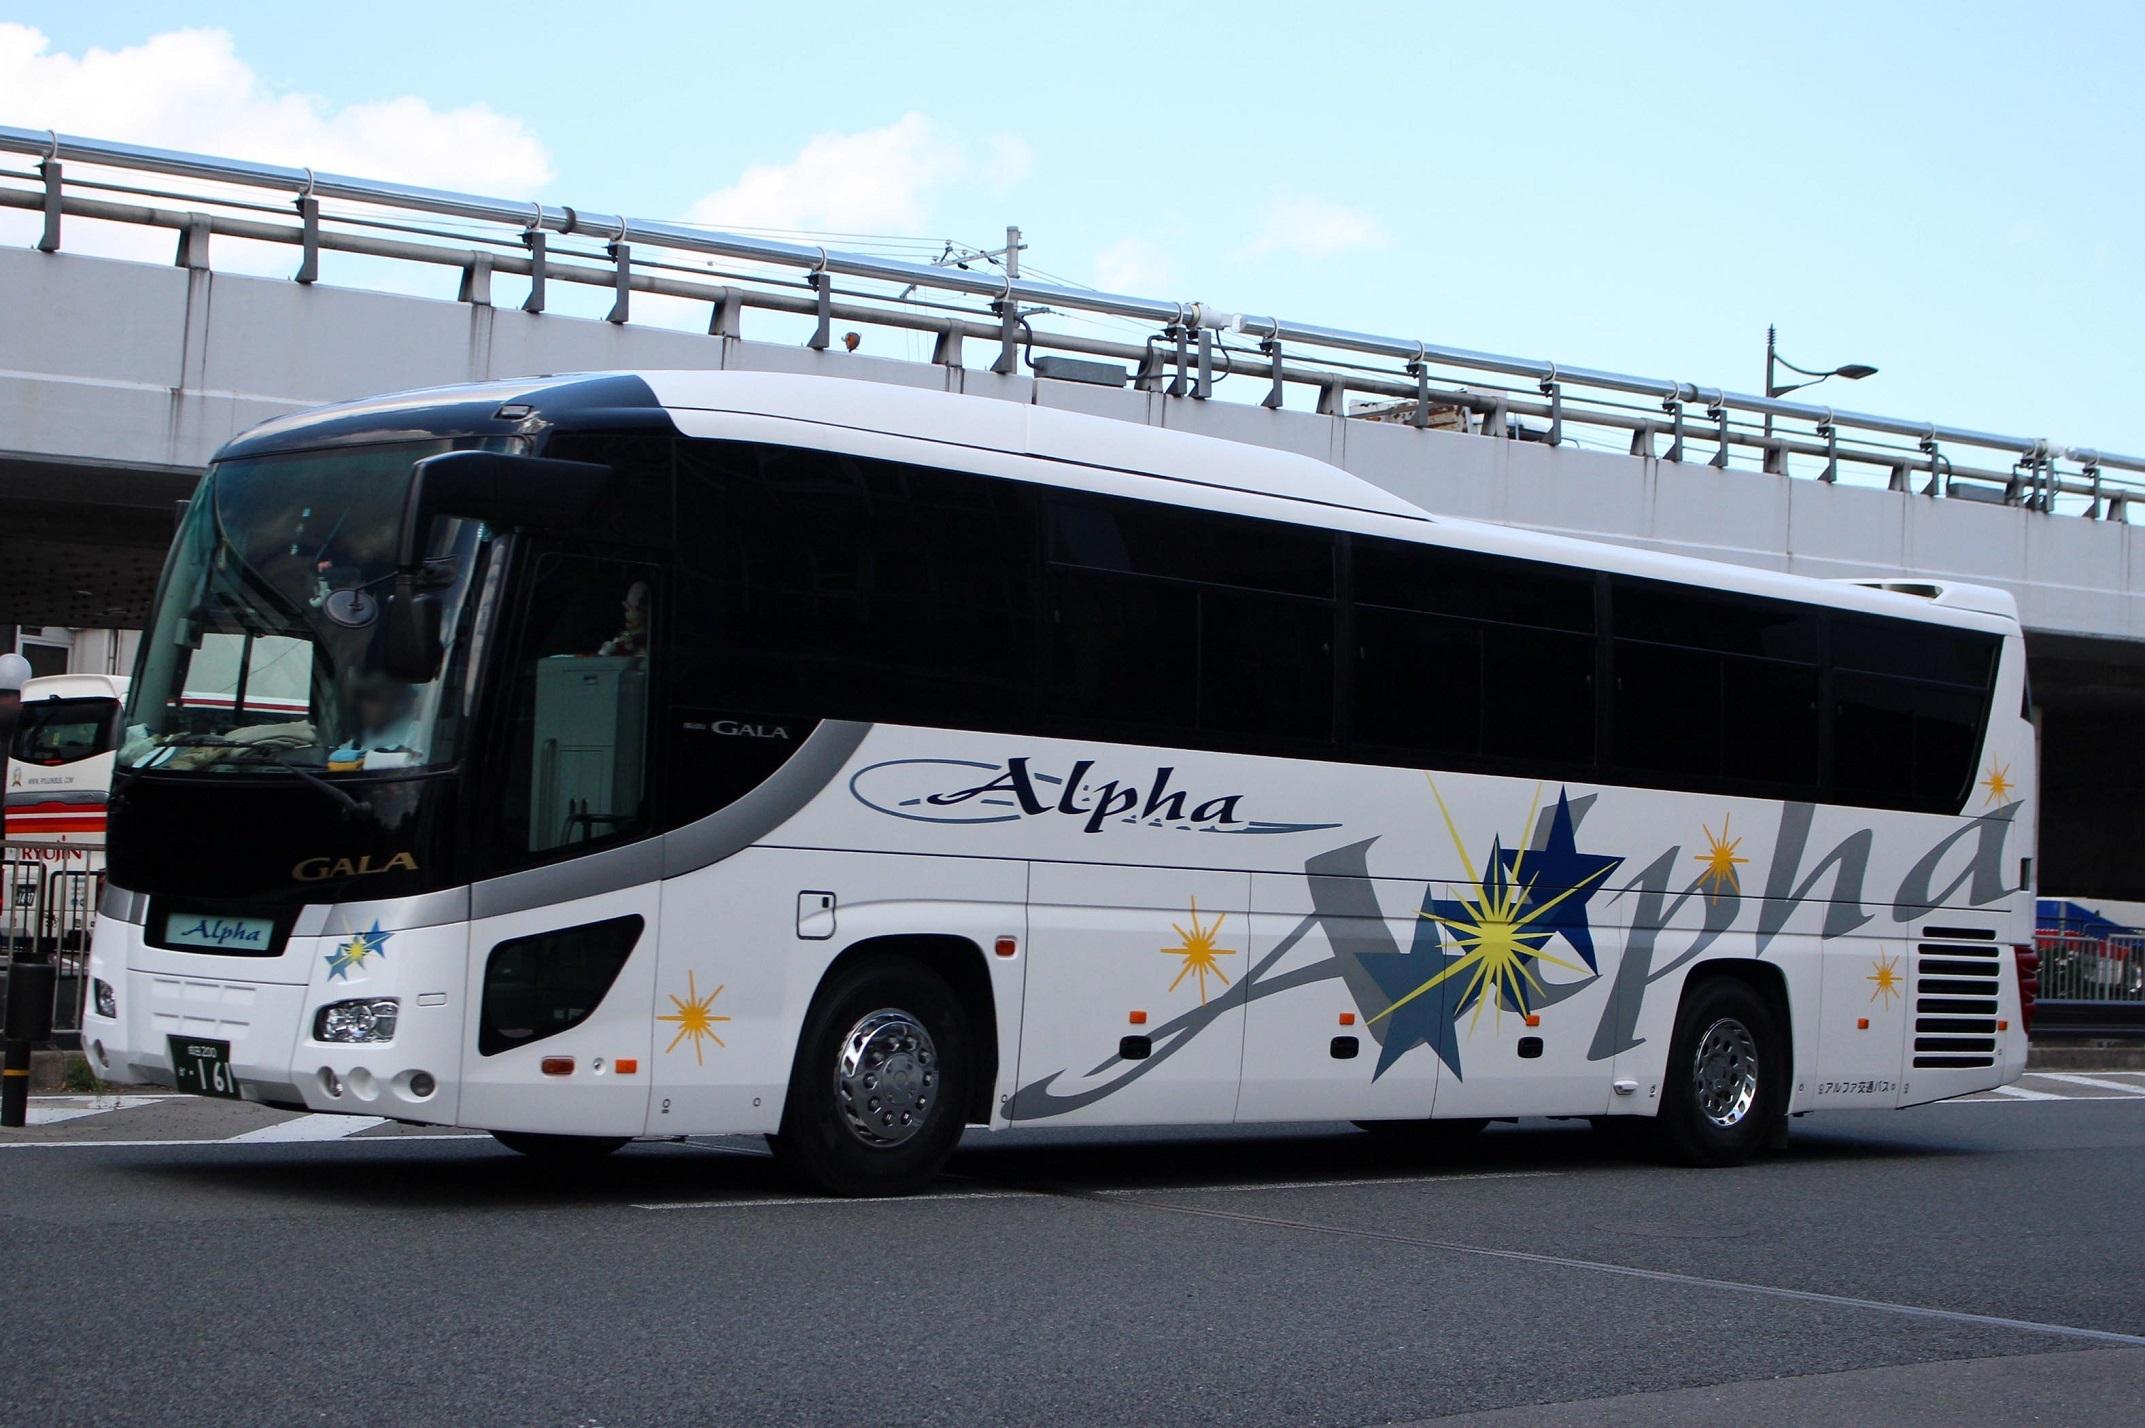 アルファ交通バス か161